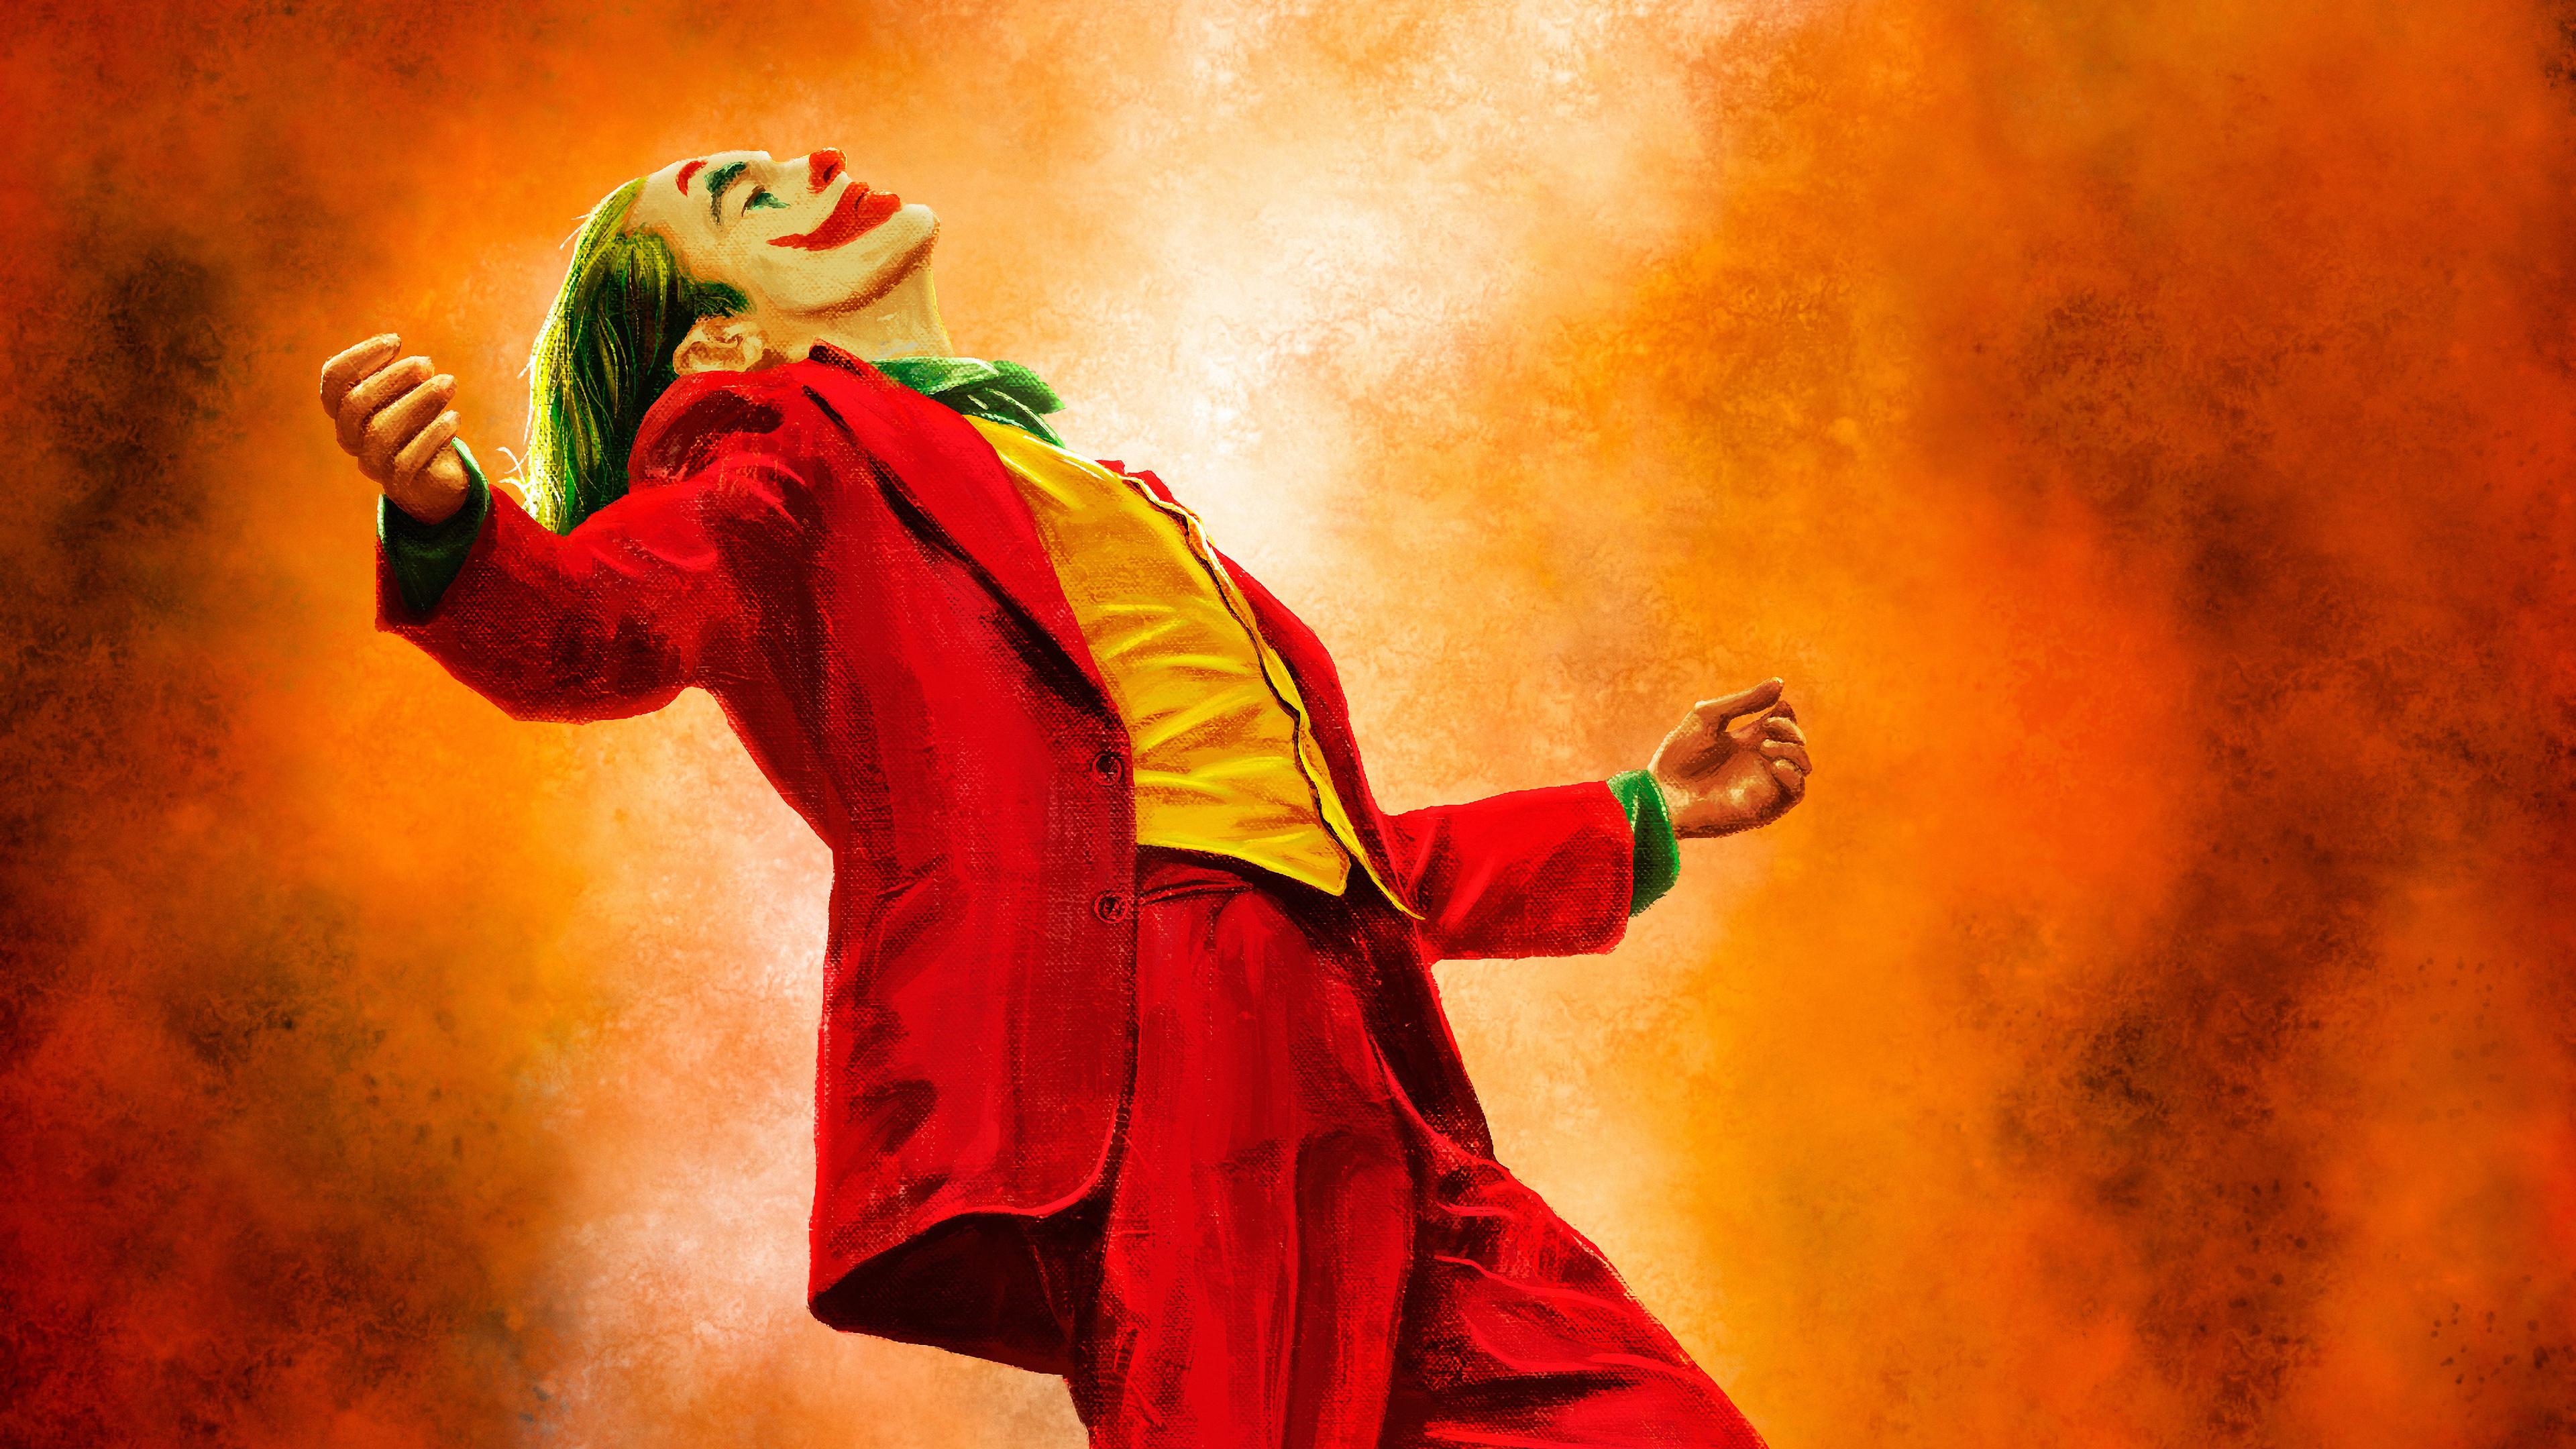 joker joaquin phoenix 1569187097 - Joker Joaquin Phoenix - supervillain wallpapers, superheroes wallpapers, joker wallpapers, joker movie wallpapers, hd-wallpapers, behance wallpapers, artwork wallpapers, 4k-wallpapers